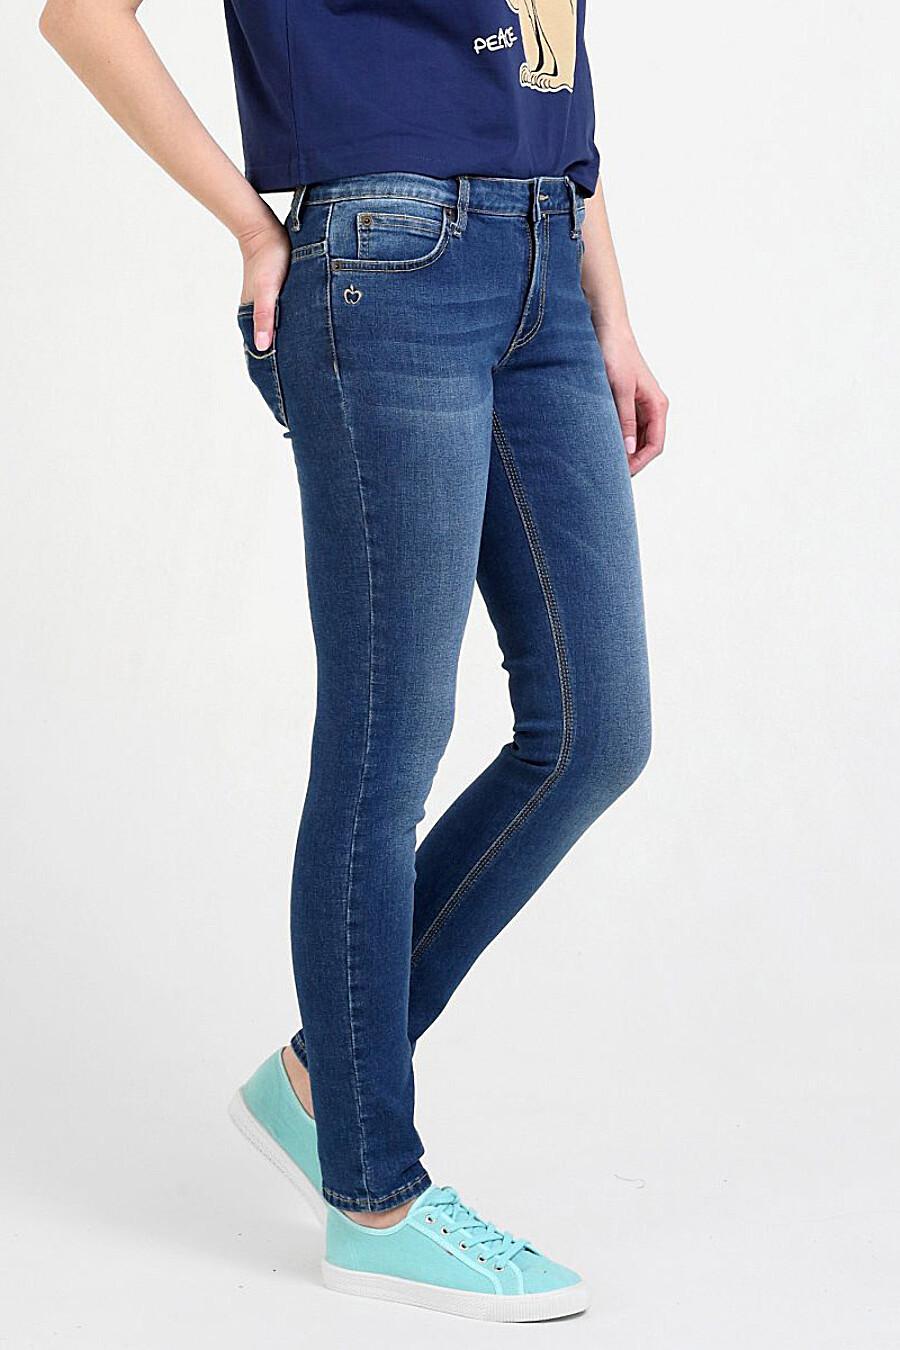 Джинсы для женщин F5 184837 купить оптом от производителя. Совместная покупка женской одежды в OptMoyo